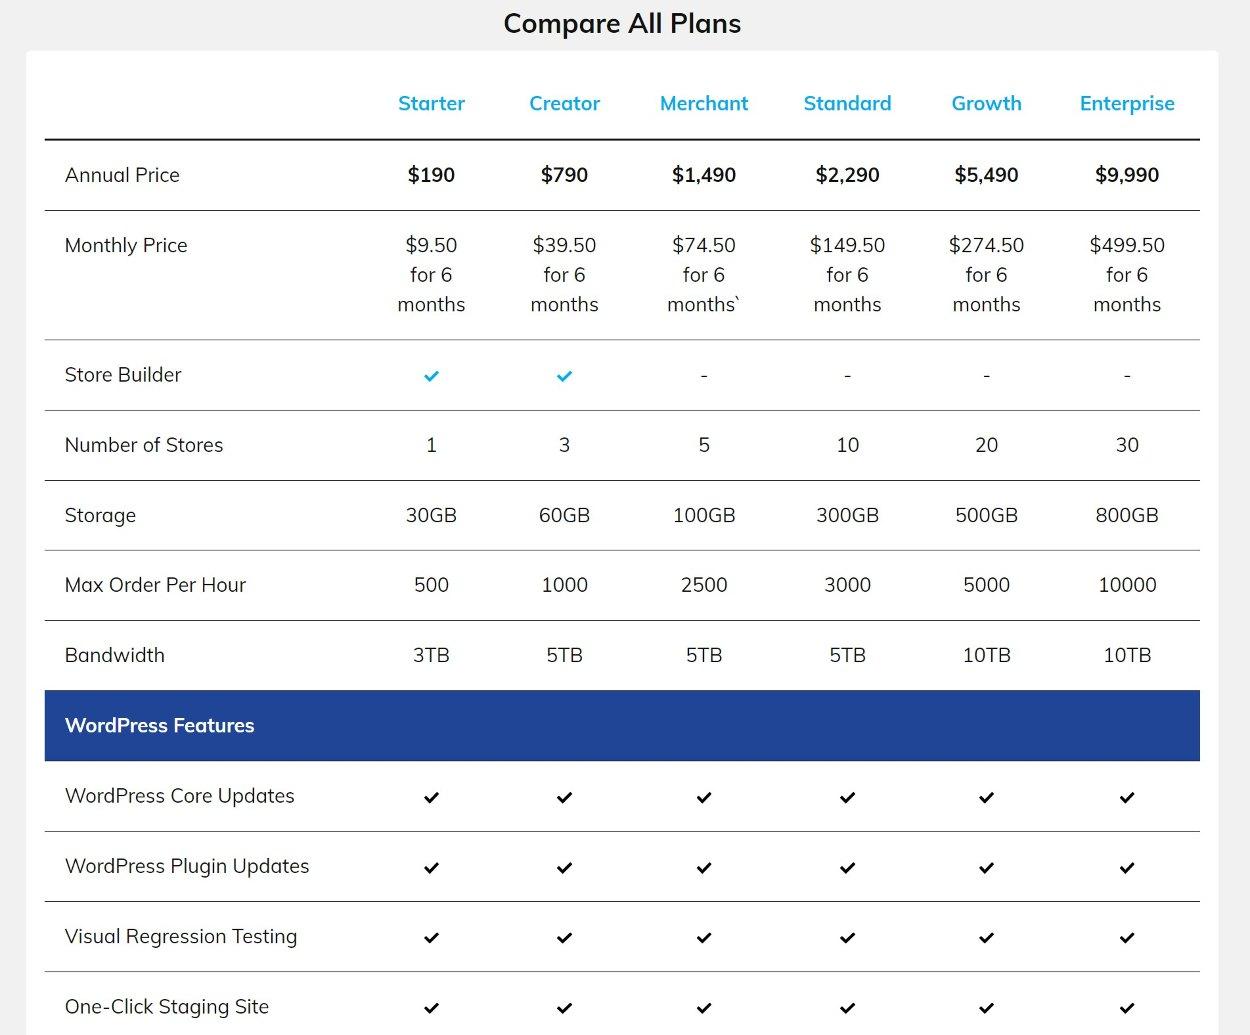 Los 5 mejores proveedores de alojamiento de WooCommerce en comparación con 2021 (todos los presupuestos) - 1630937891 328 Los 5 mejores proveedores de alojamiento de WooCommerce en comparacion